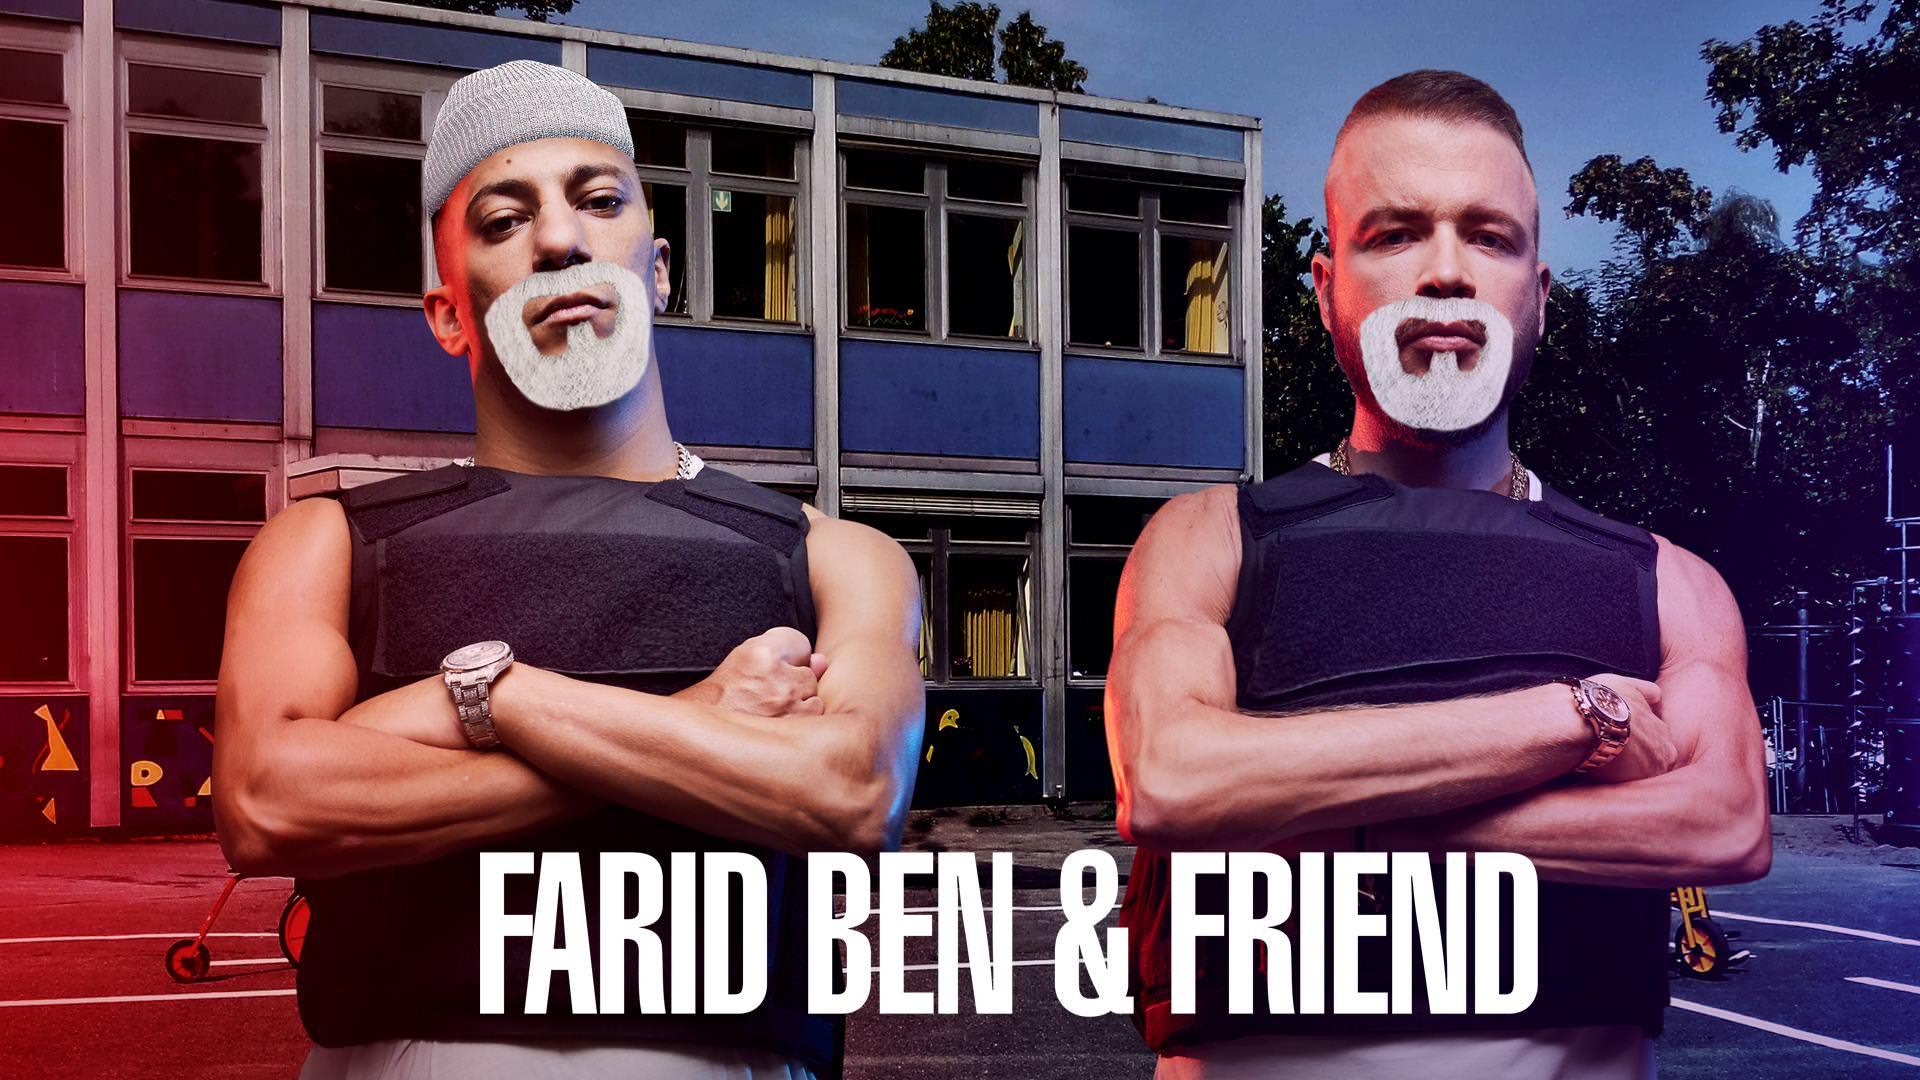 Farid Ben & Friend - JBG3 Disstrack